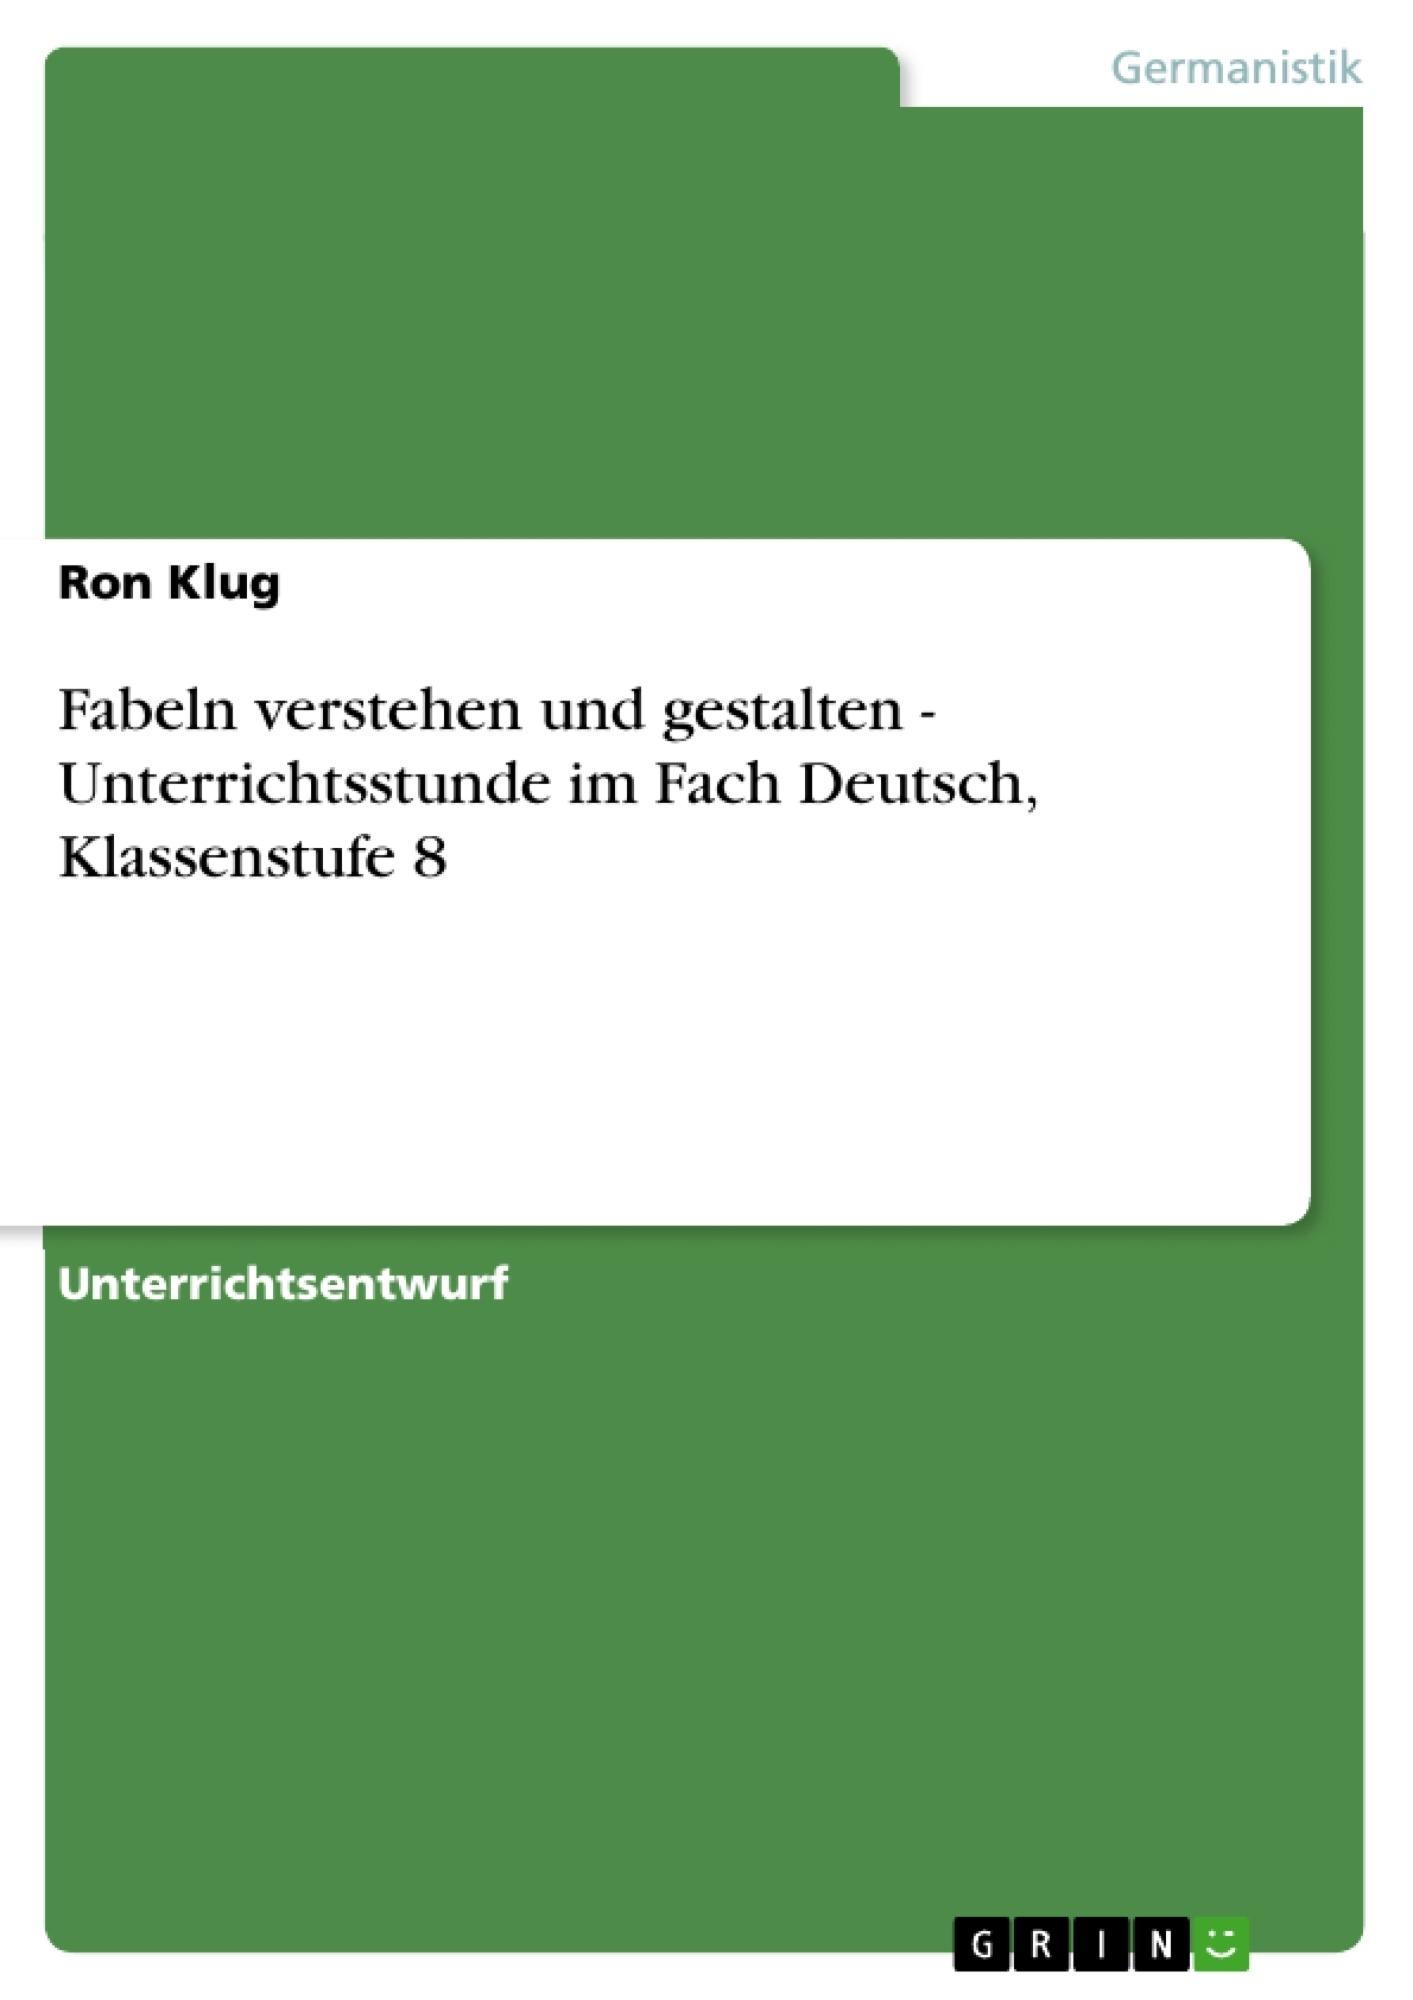 Titel: Fabeln verstehen und gestalten - Unterrichtsstunde im Fach Deutsch, Klassenstufe 8